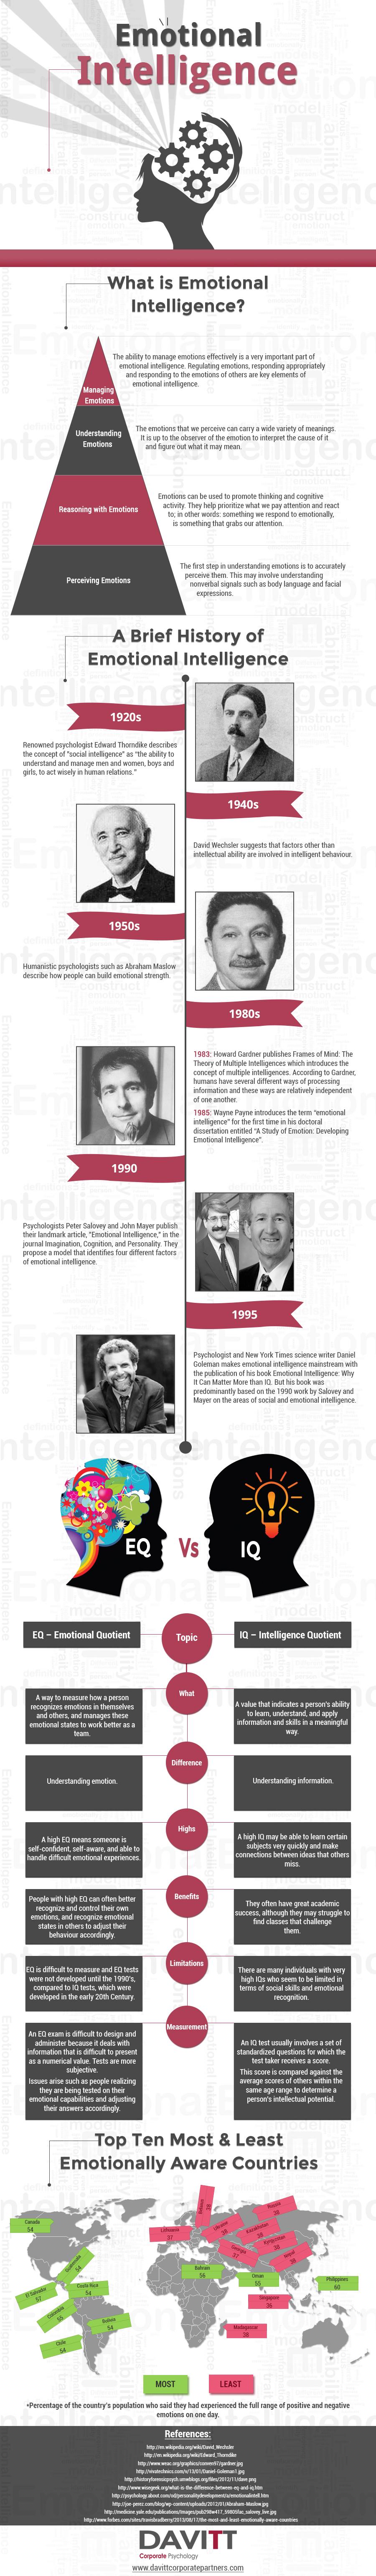 Emotional Intelligence: History & Way Forward - Infographic